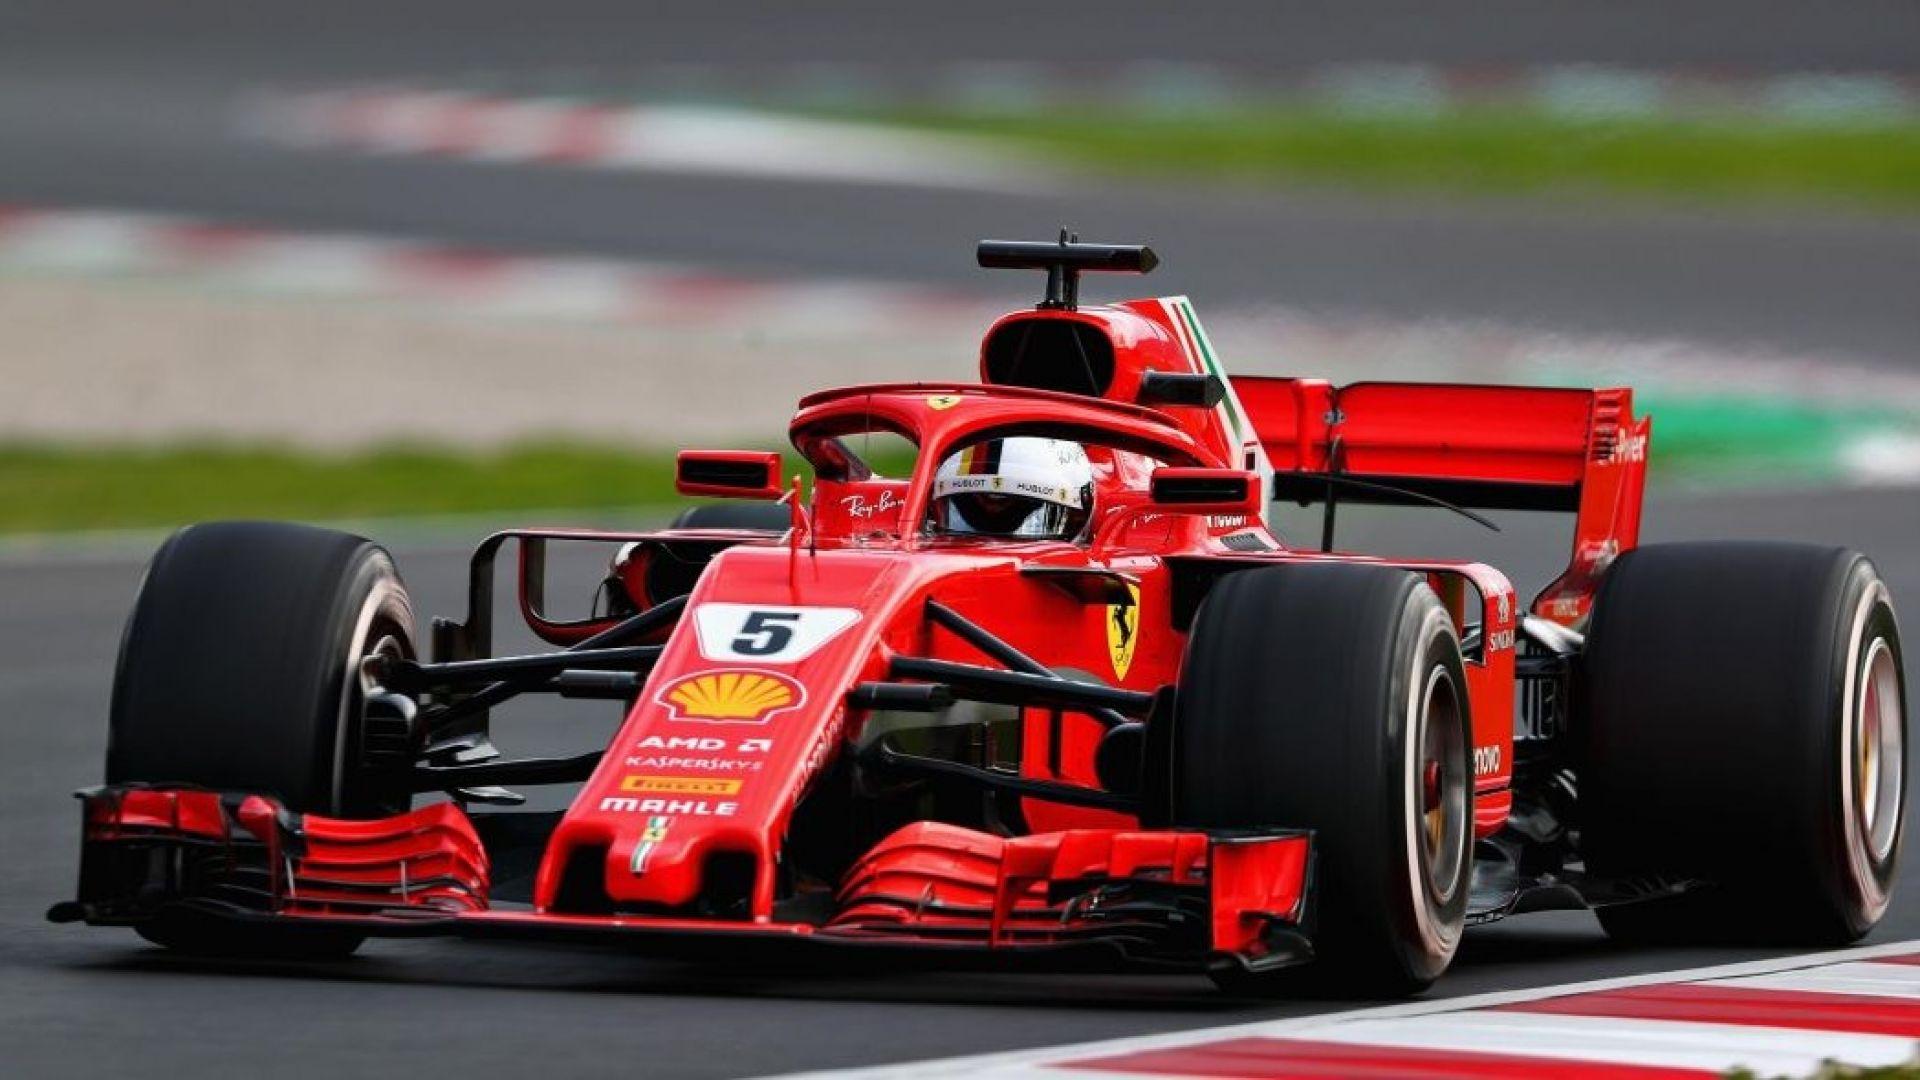 Ferrari La Ferrari >> F1 2018, GP Canada: Sebastian Vettel pronto all'attacco ...